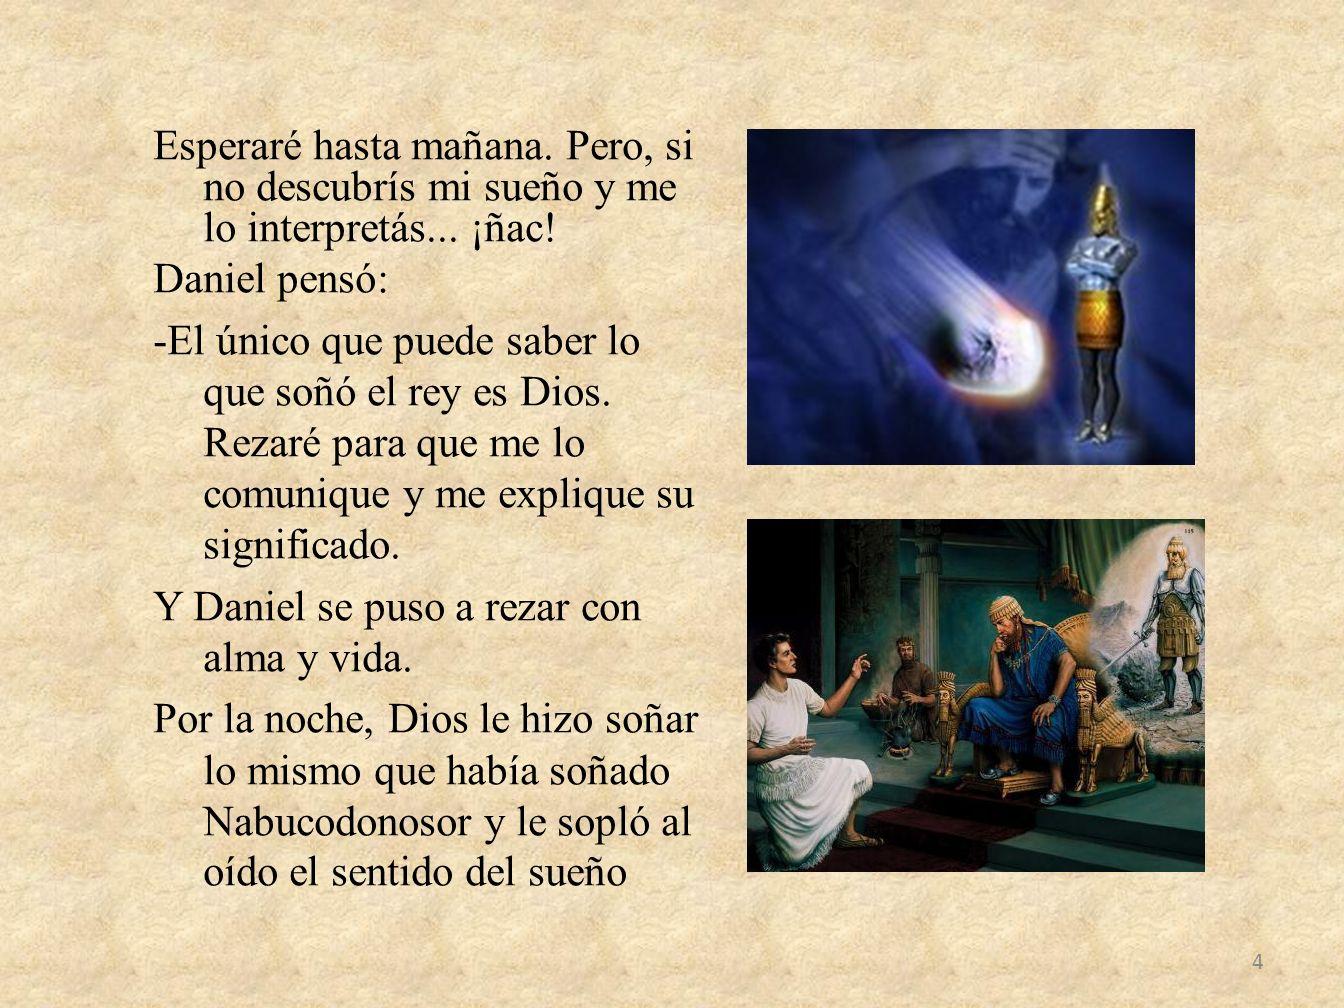 Esperaré hasta mañana. Pero, si no descubrís mi sueño y me lo interpretás... ¡ñac! Daniel pensó: -El único que puede saber lo que soñó el rey es Dios.